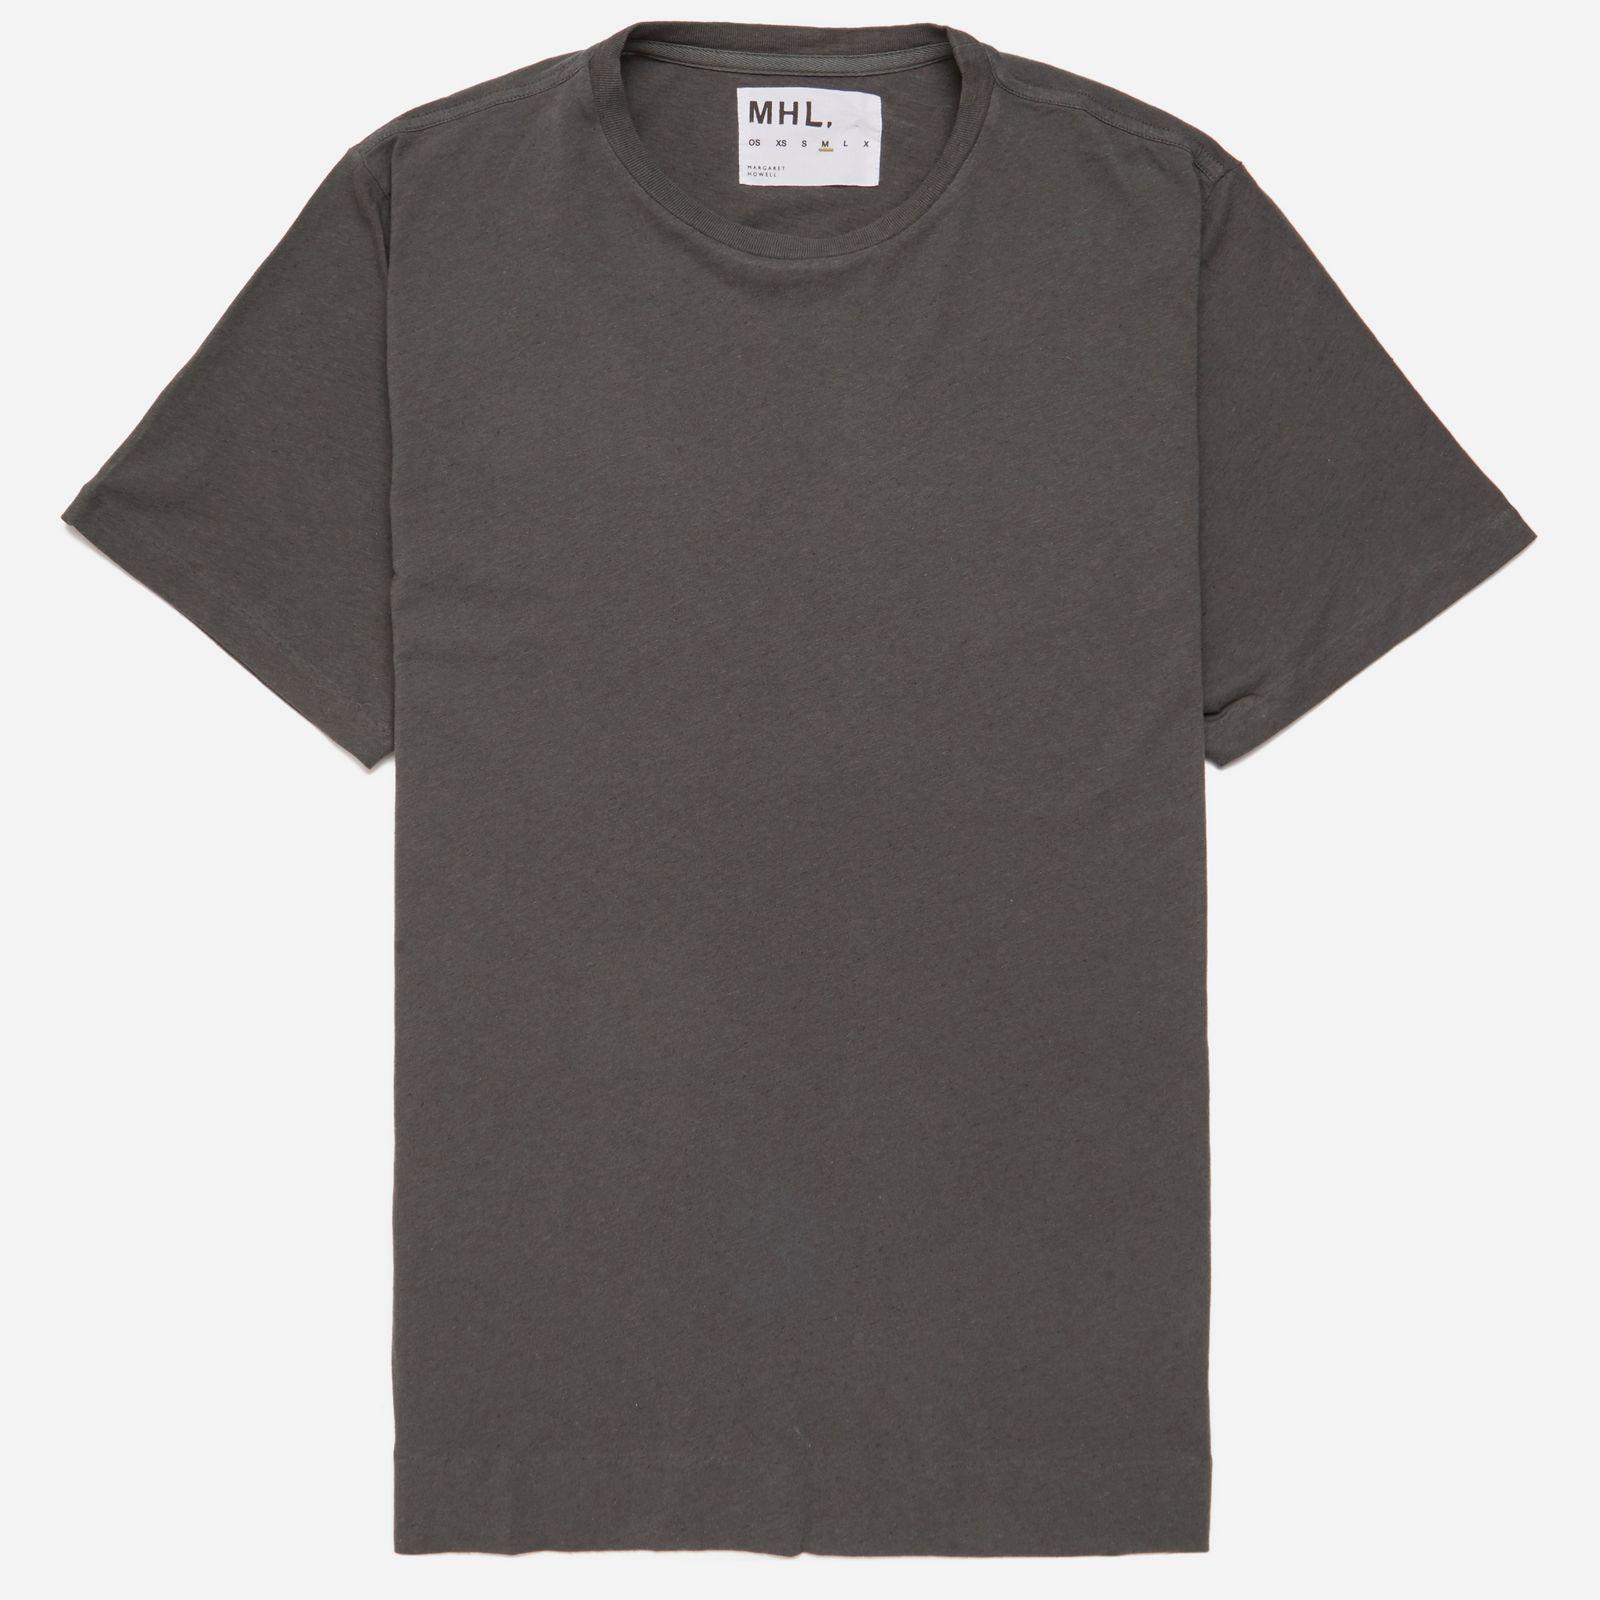 MHL Cotton Linen Jersey Basic T-shirt